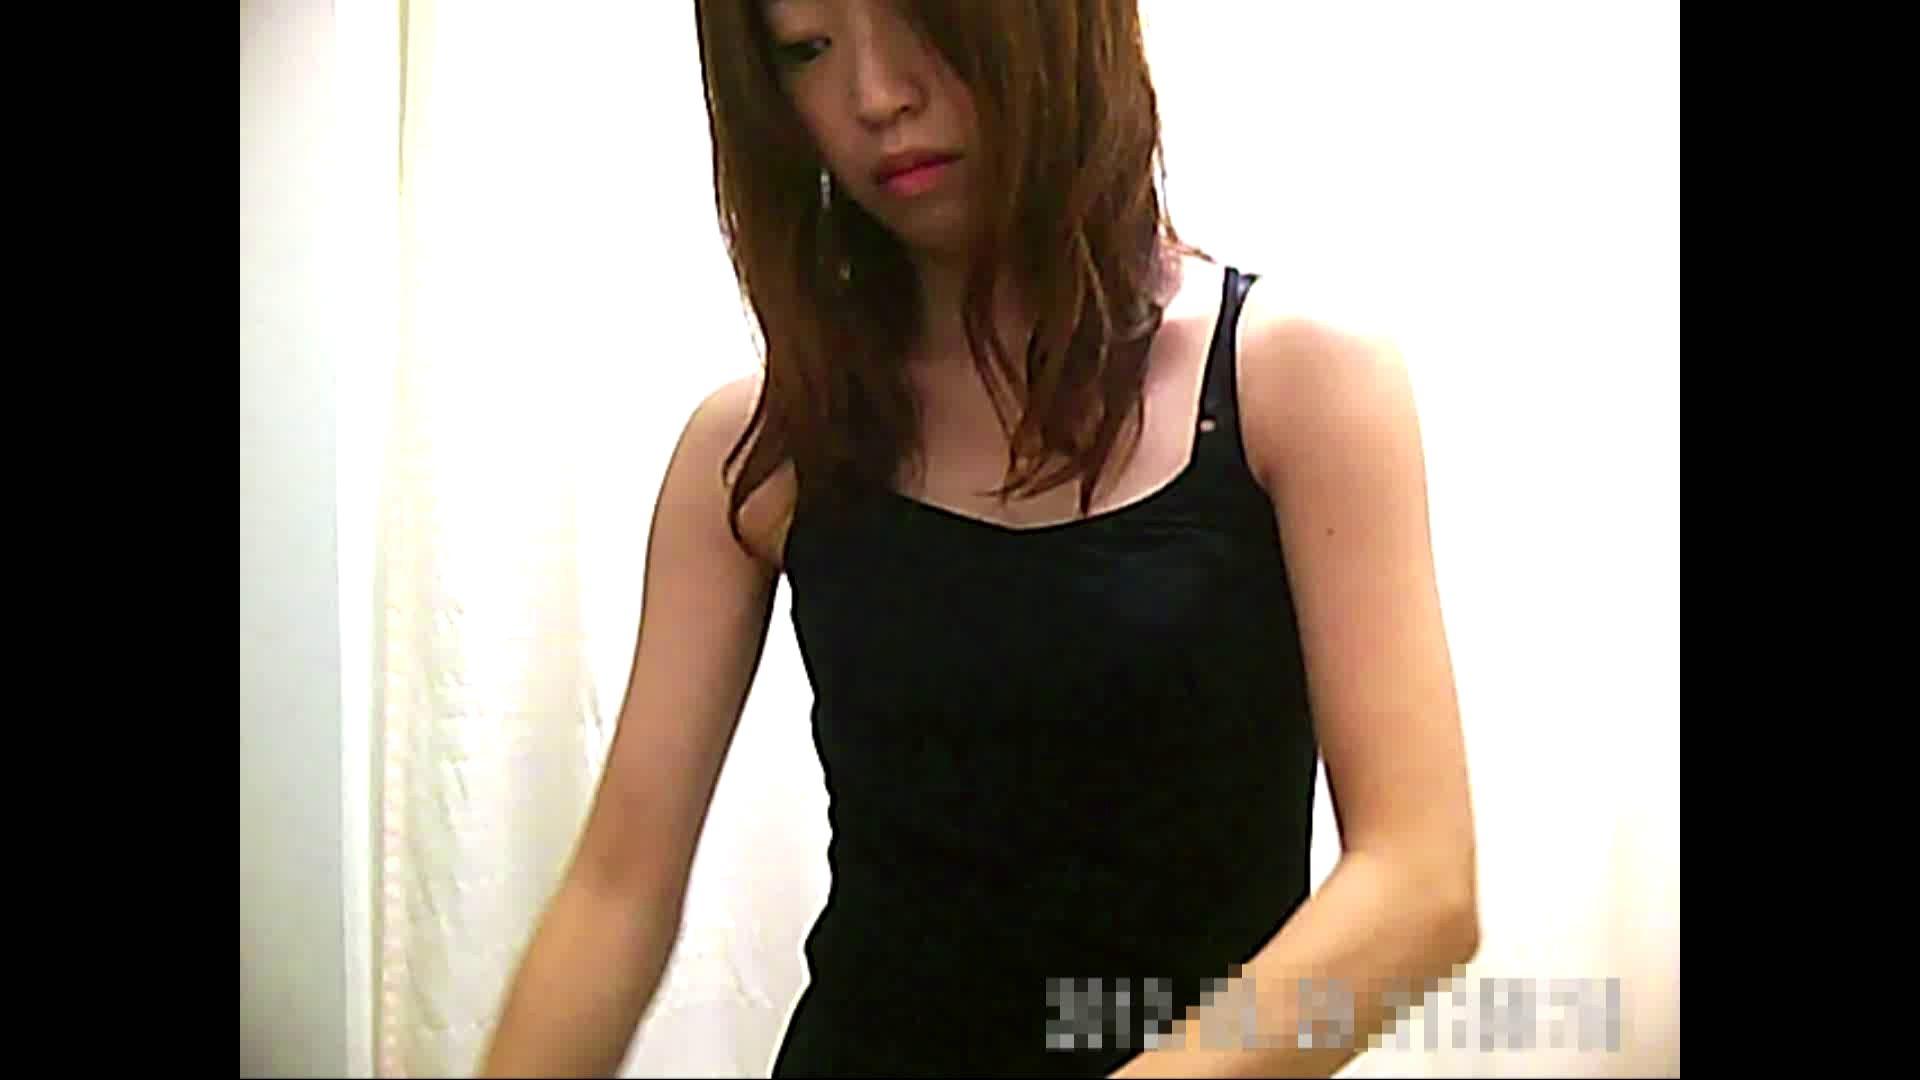 元医者による反抗 更衣室地獄絵巻 vol.072 お姉さんのSEX 濡れ場動画紹介 87枚 23